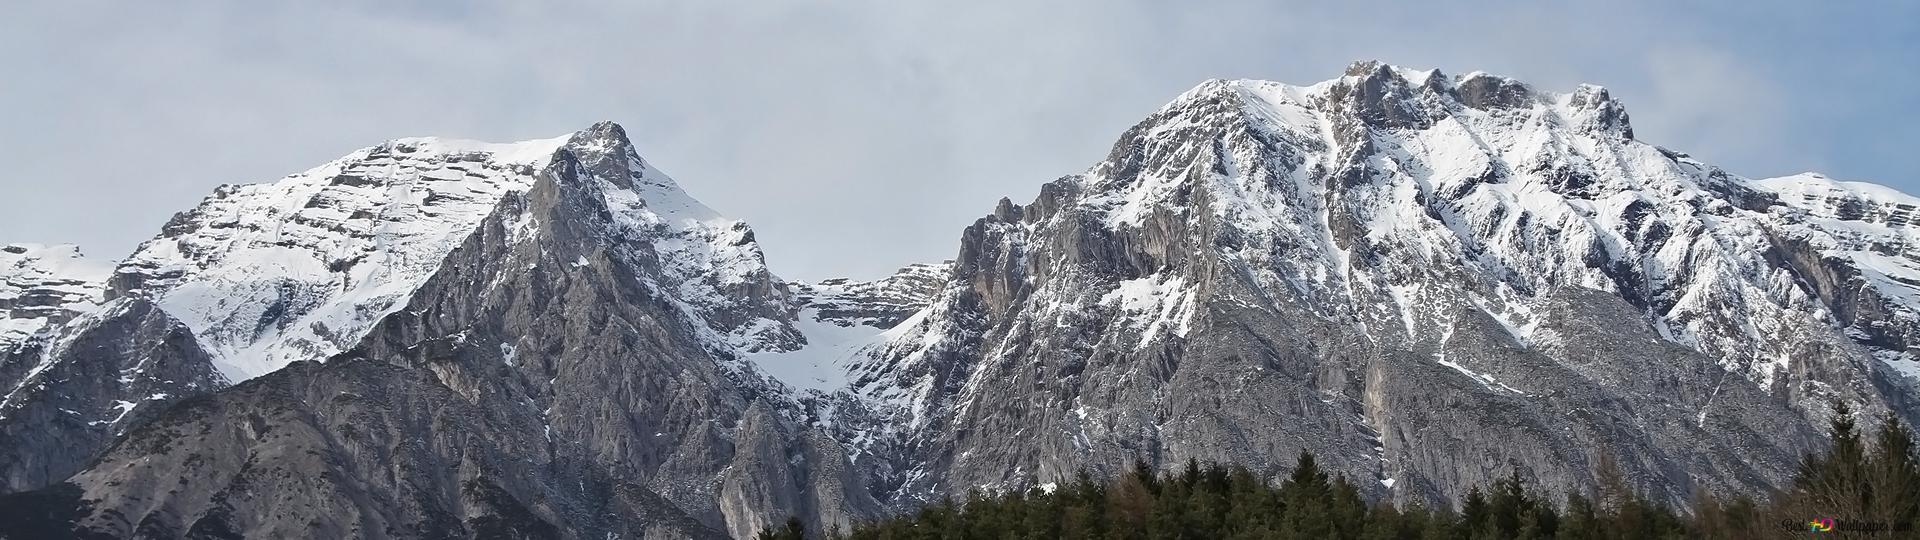 Natura Paesaggio Di Montagna Download Di Sfondi Hd